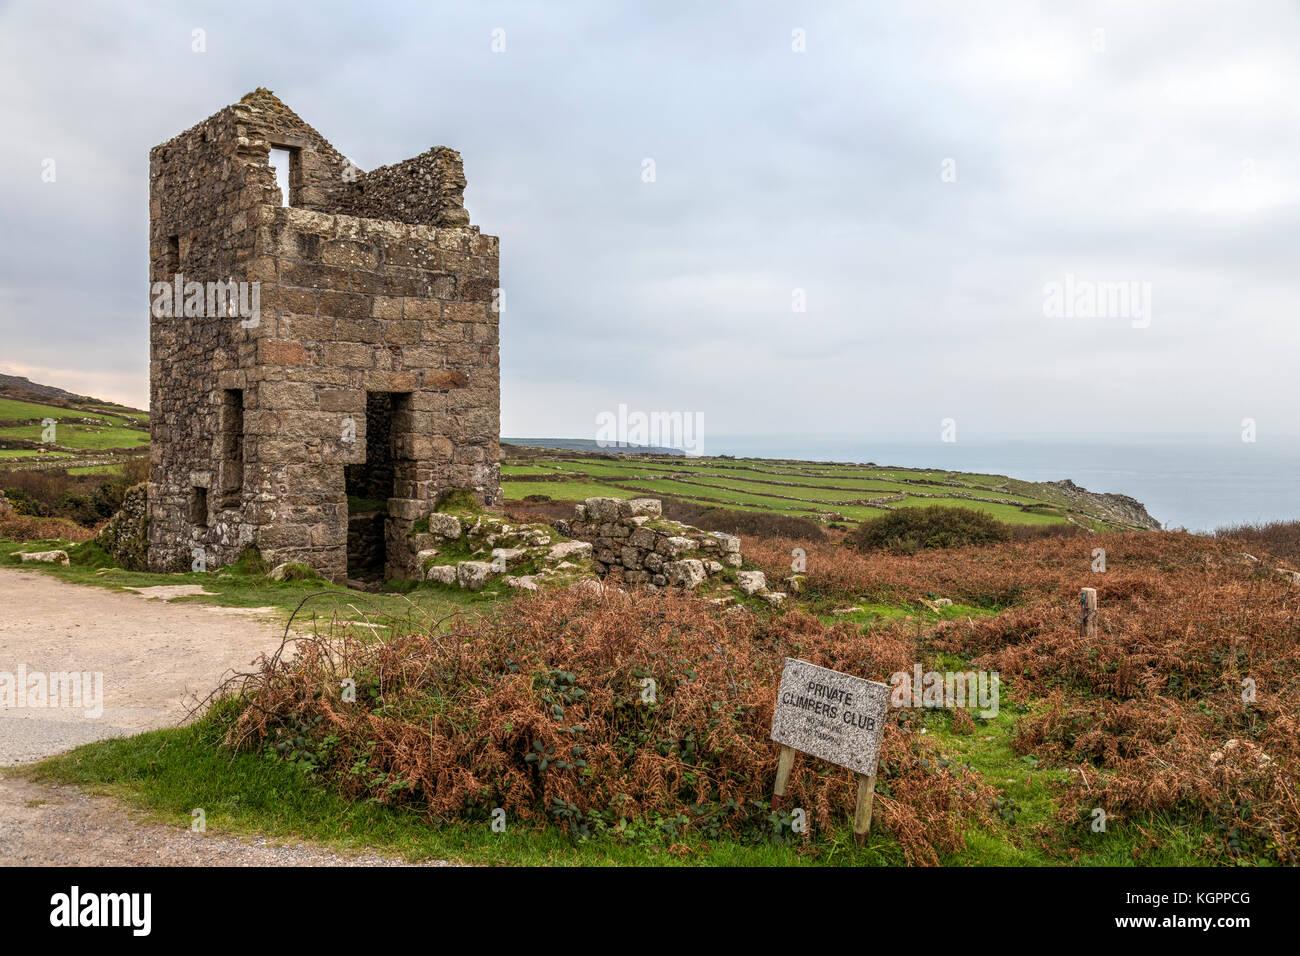 Carn galver casa motore, Cornwall, Regno Unito Immagini Stock